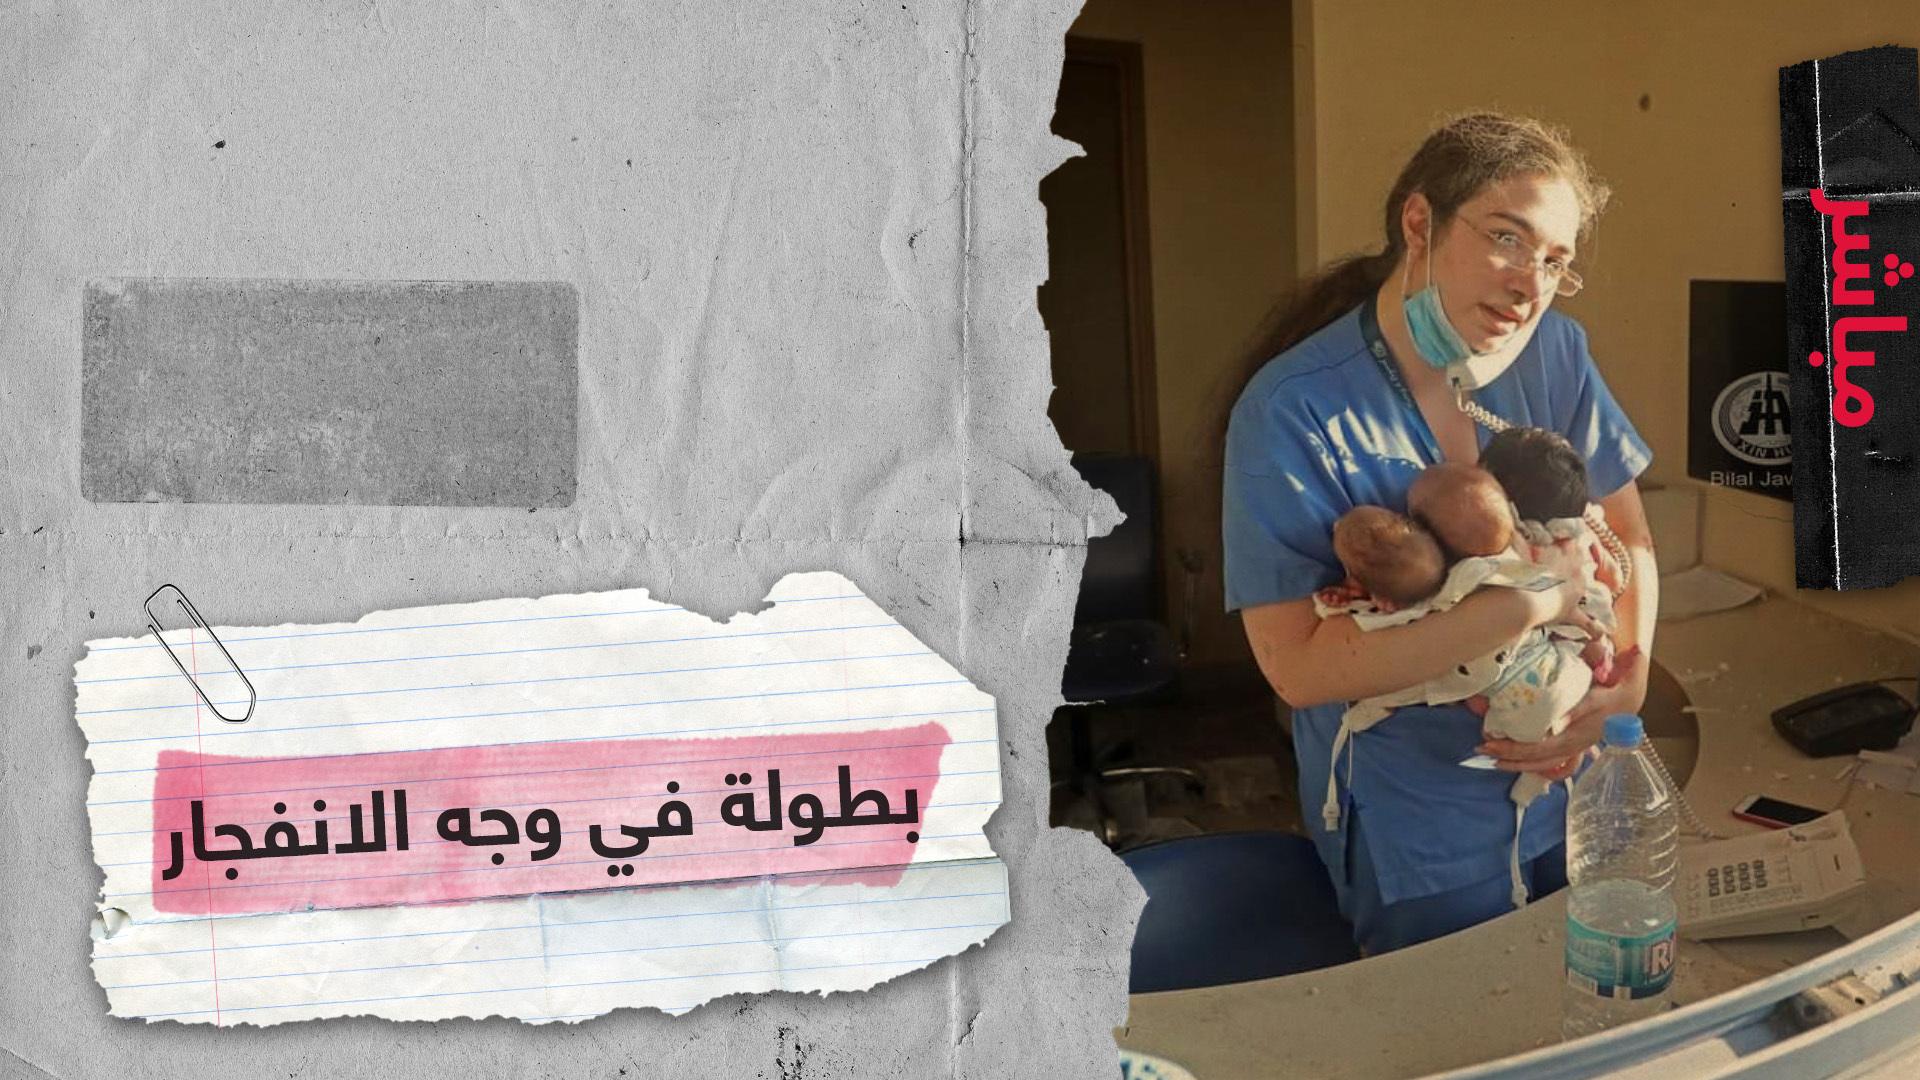 رغم الدمار والألم.. مشاهد بطولية رافقت انفجار مرفأ بيروت